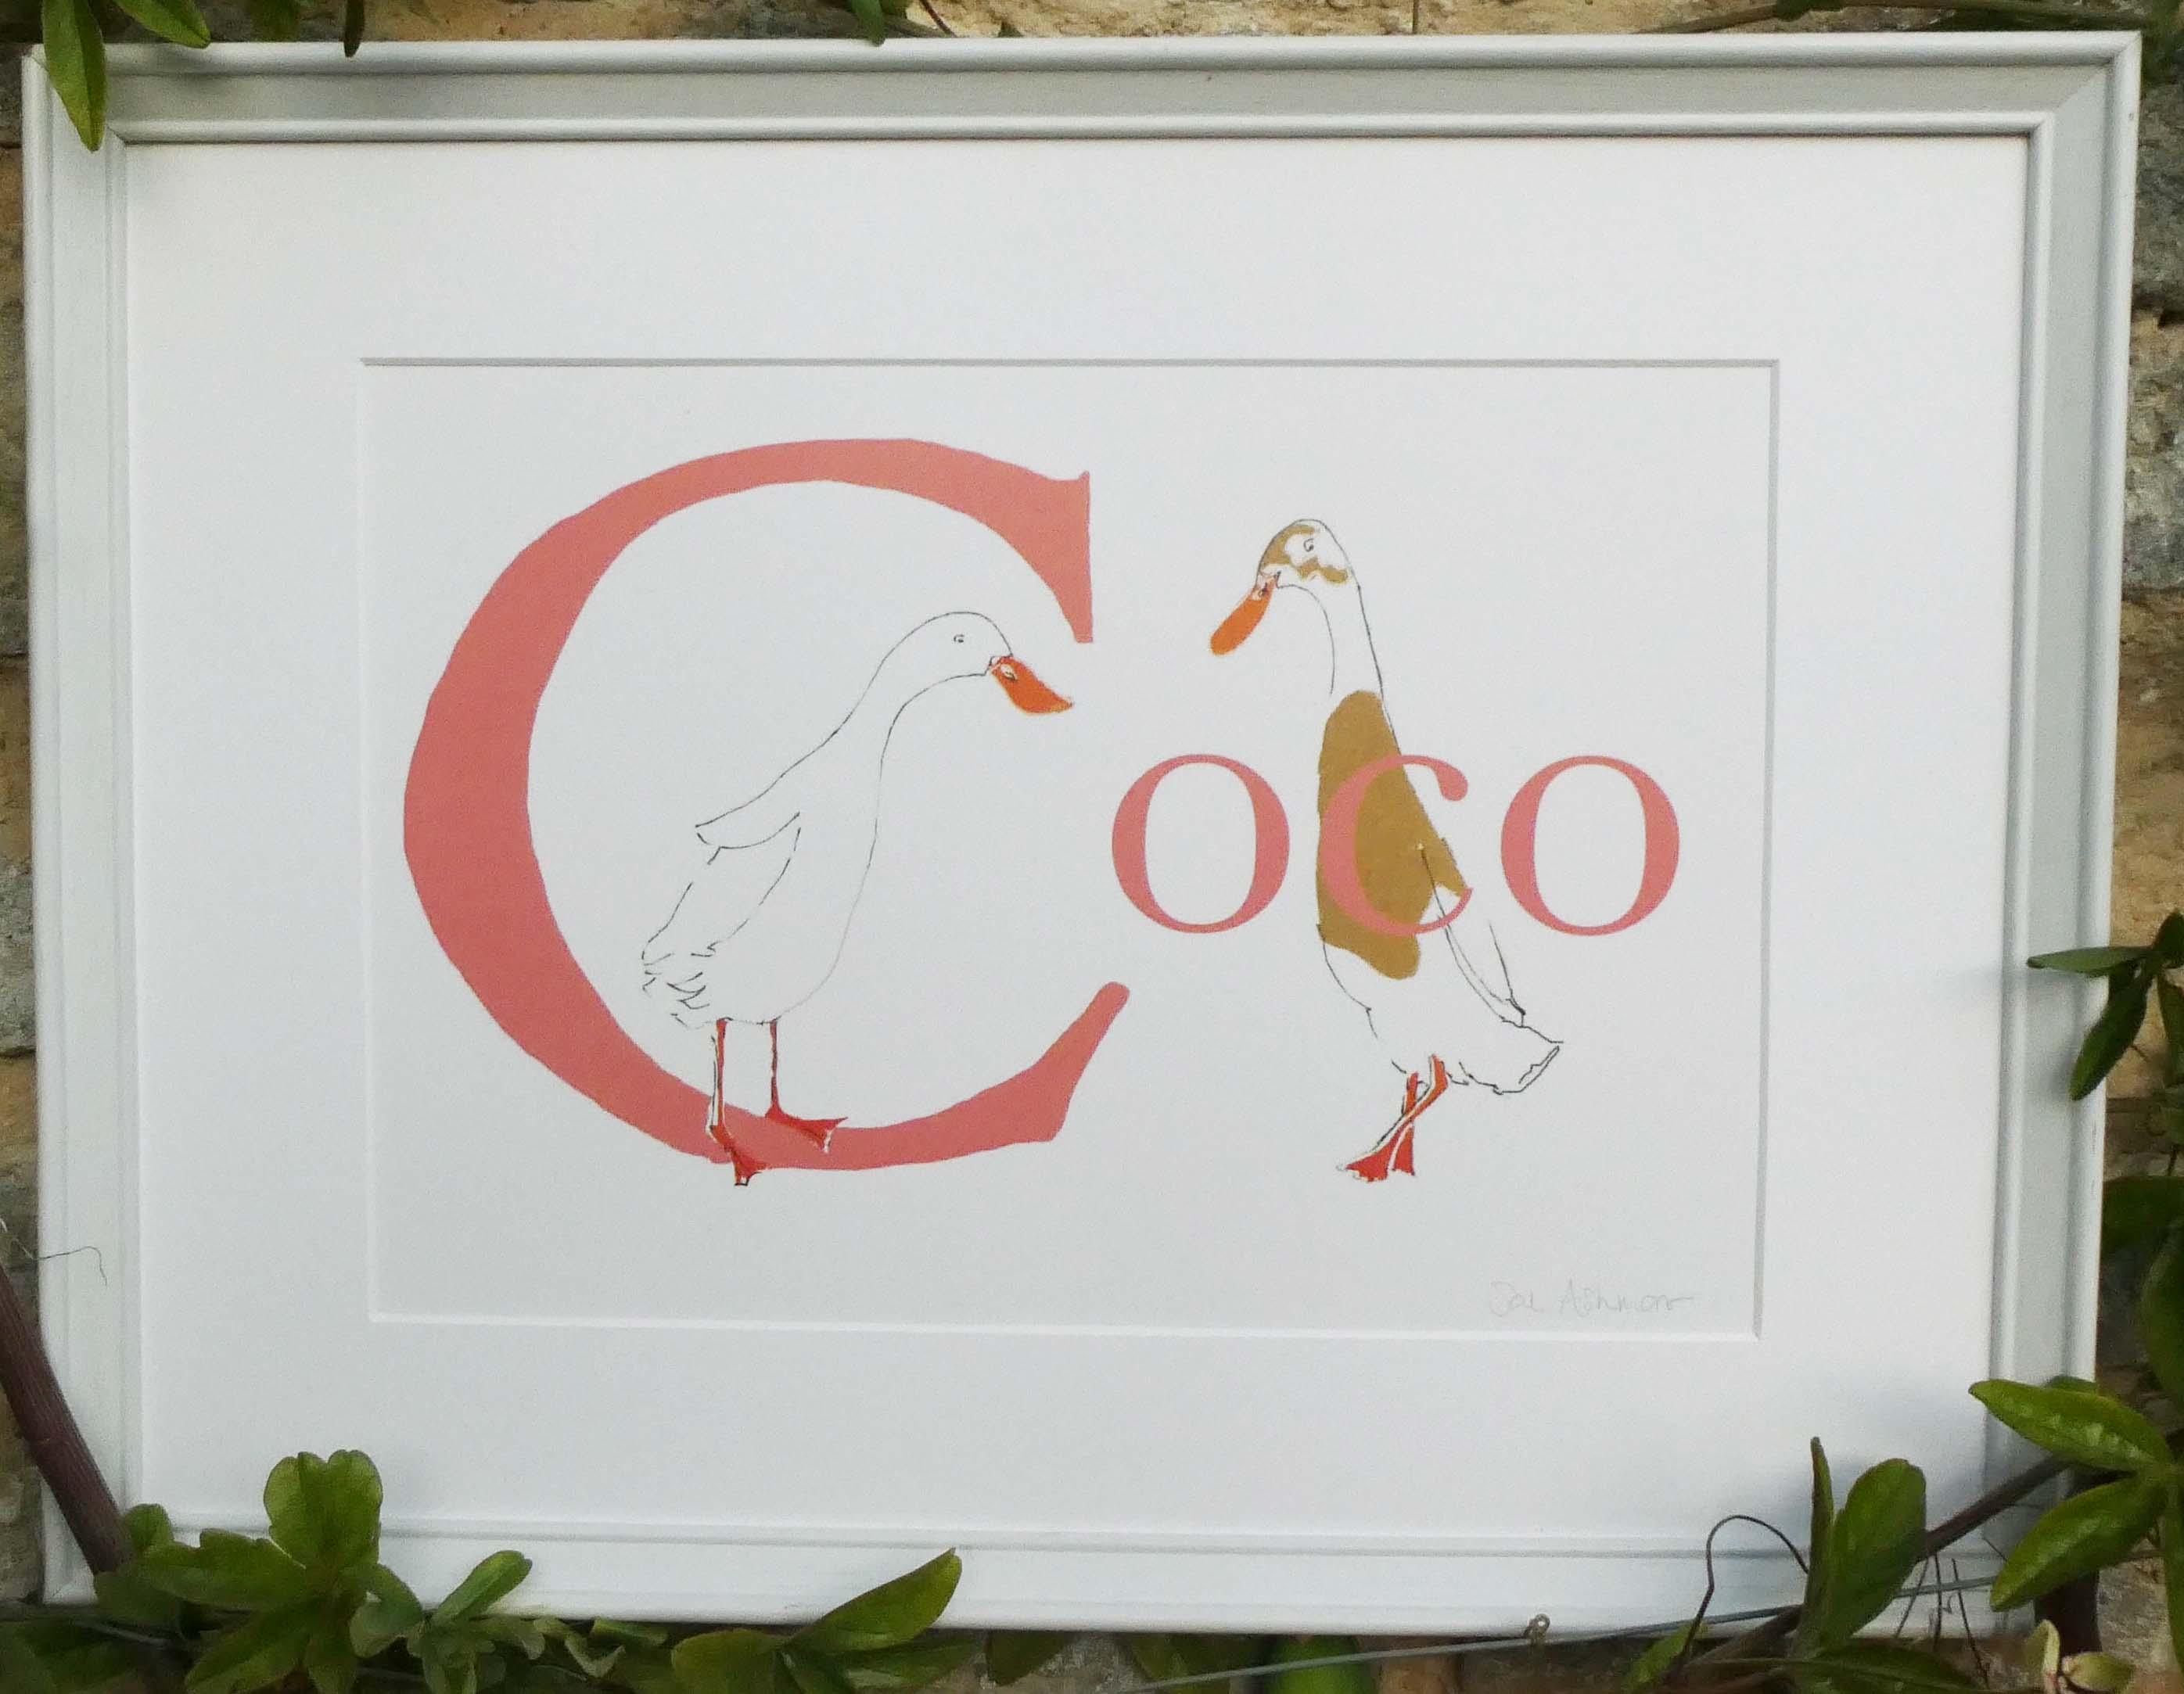 Coco name print